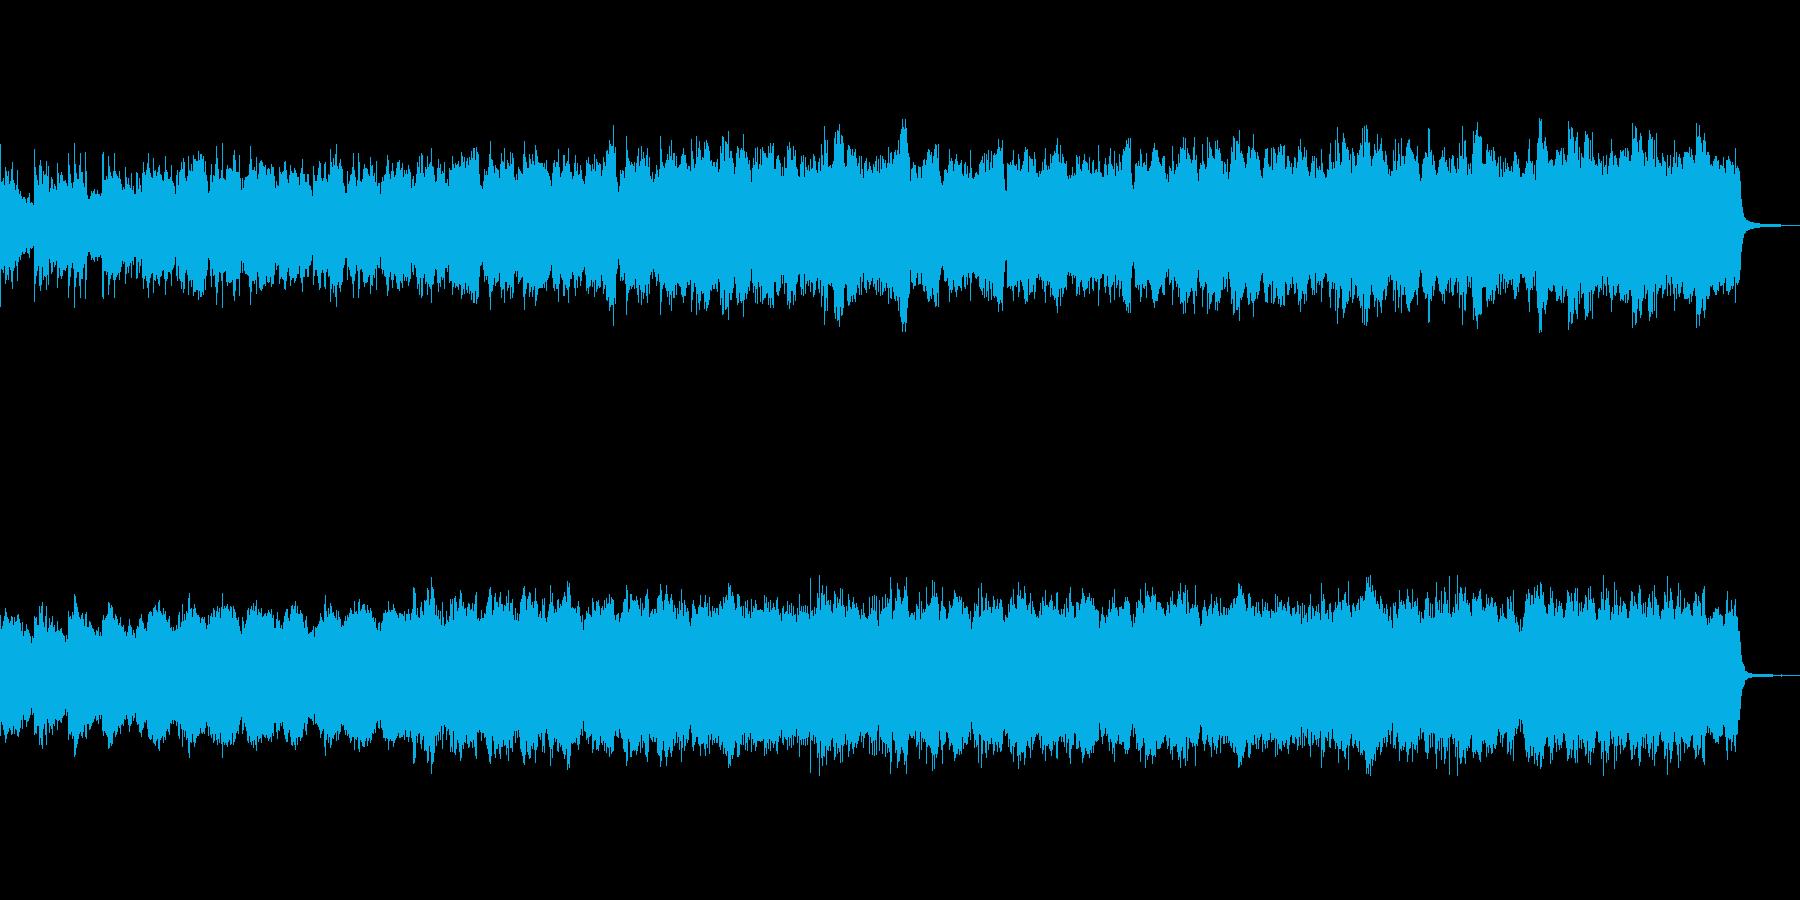 幻想的な森の奥深くをイメージした管弦楽曲の再生済みの波形